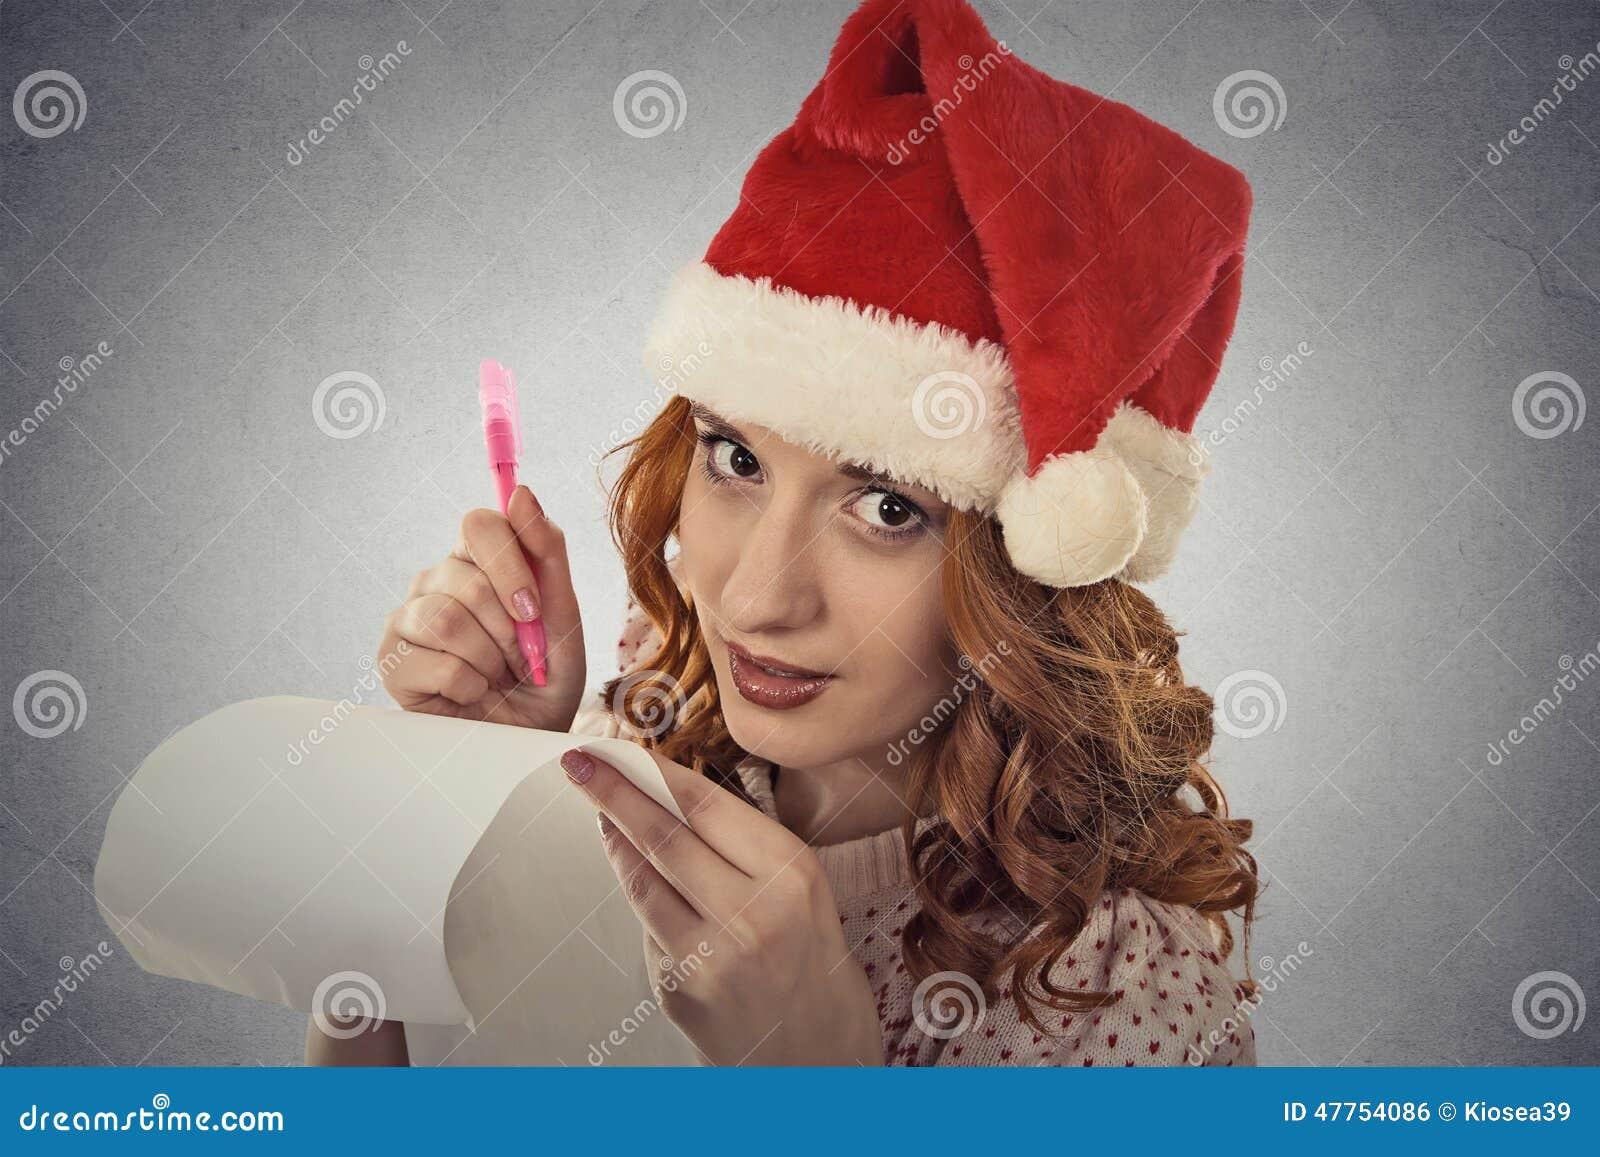 La Donna Con Il Cappello Di Natale Sta Posando Nelle Idee ...